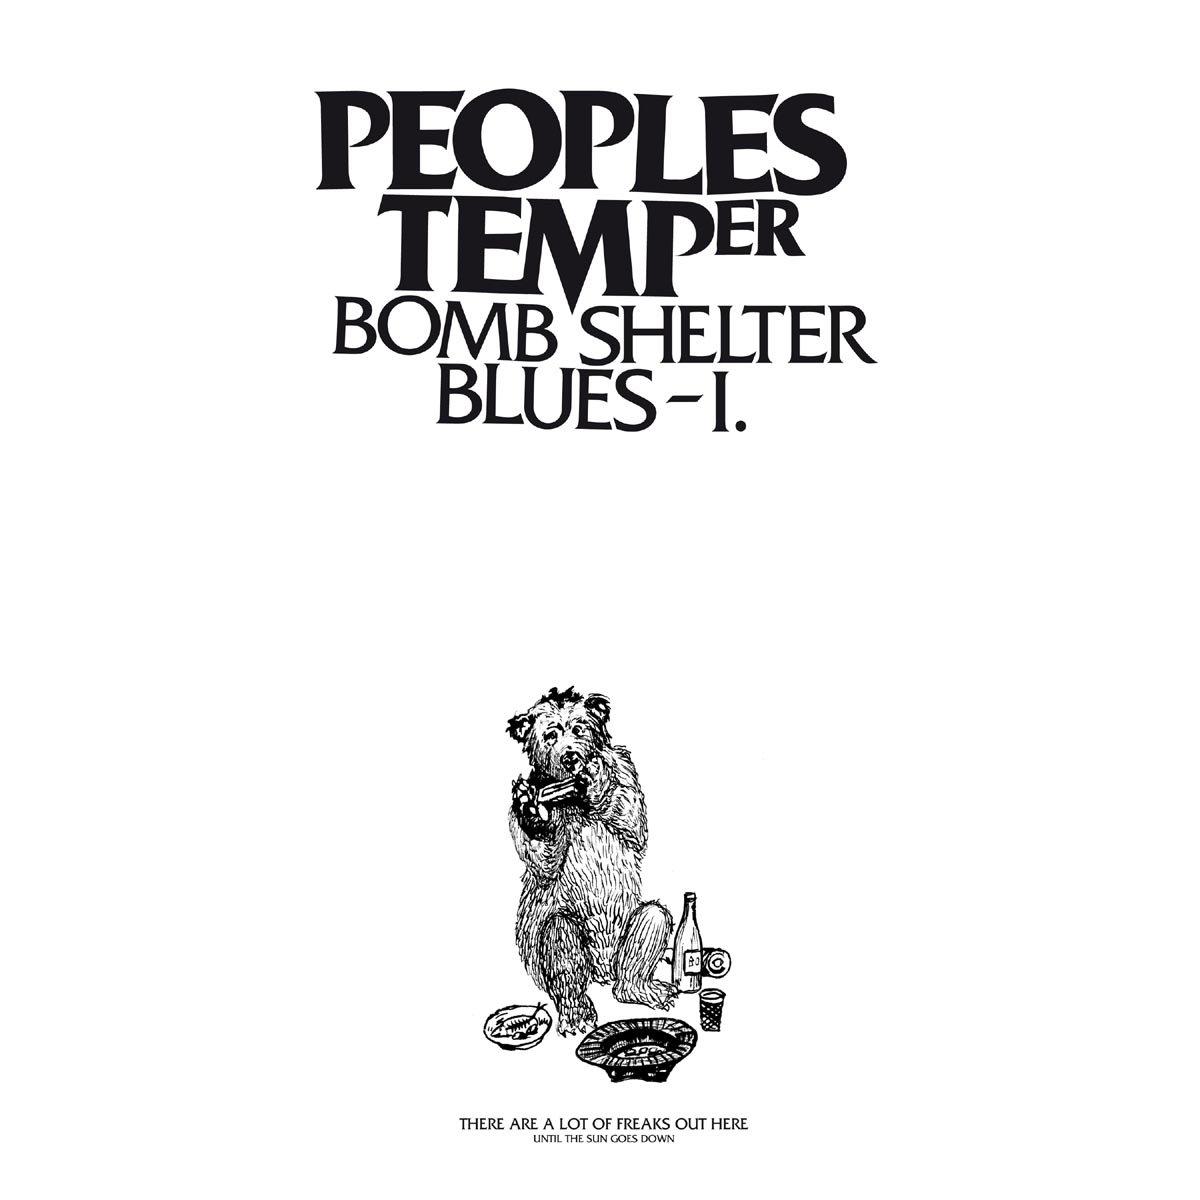 Peoples Temper - Bomb Shelter Blues I (Single 12